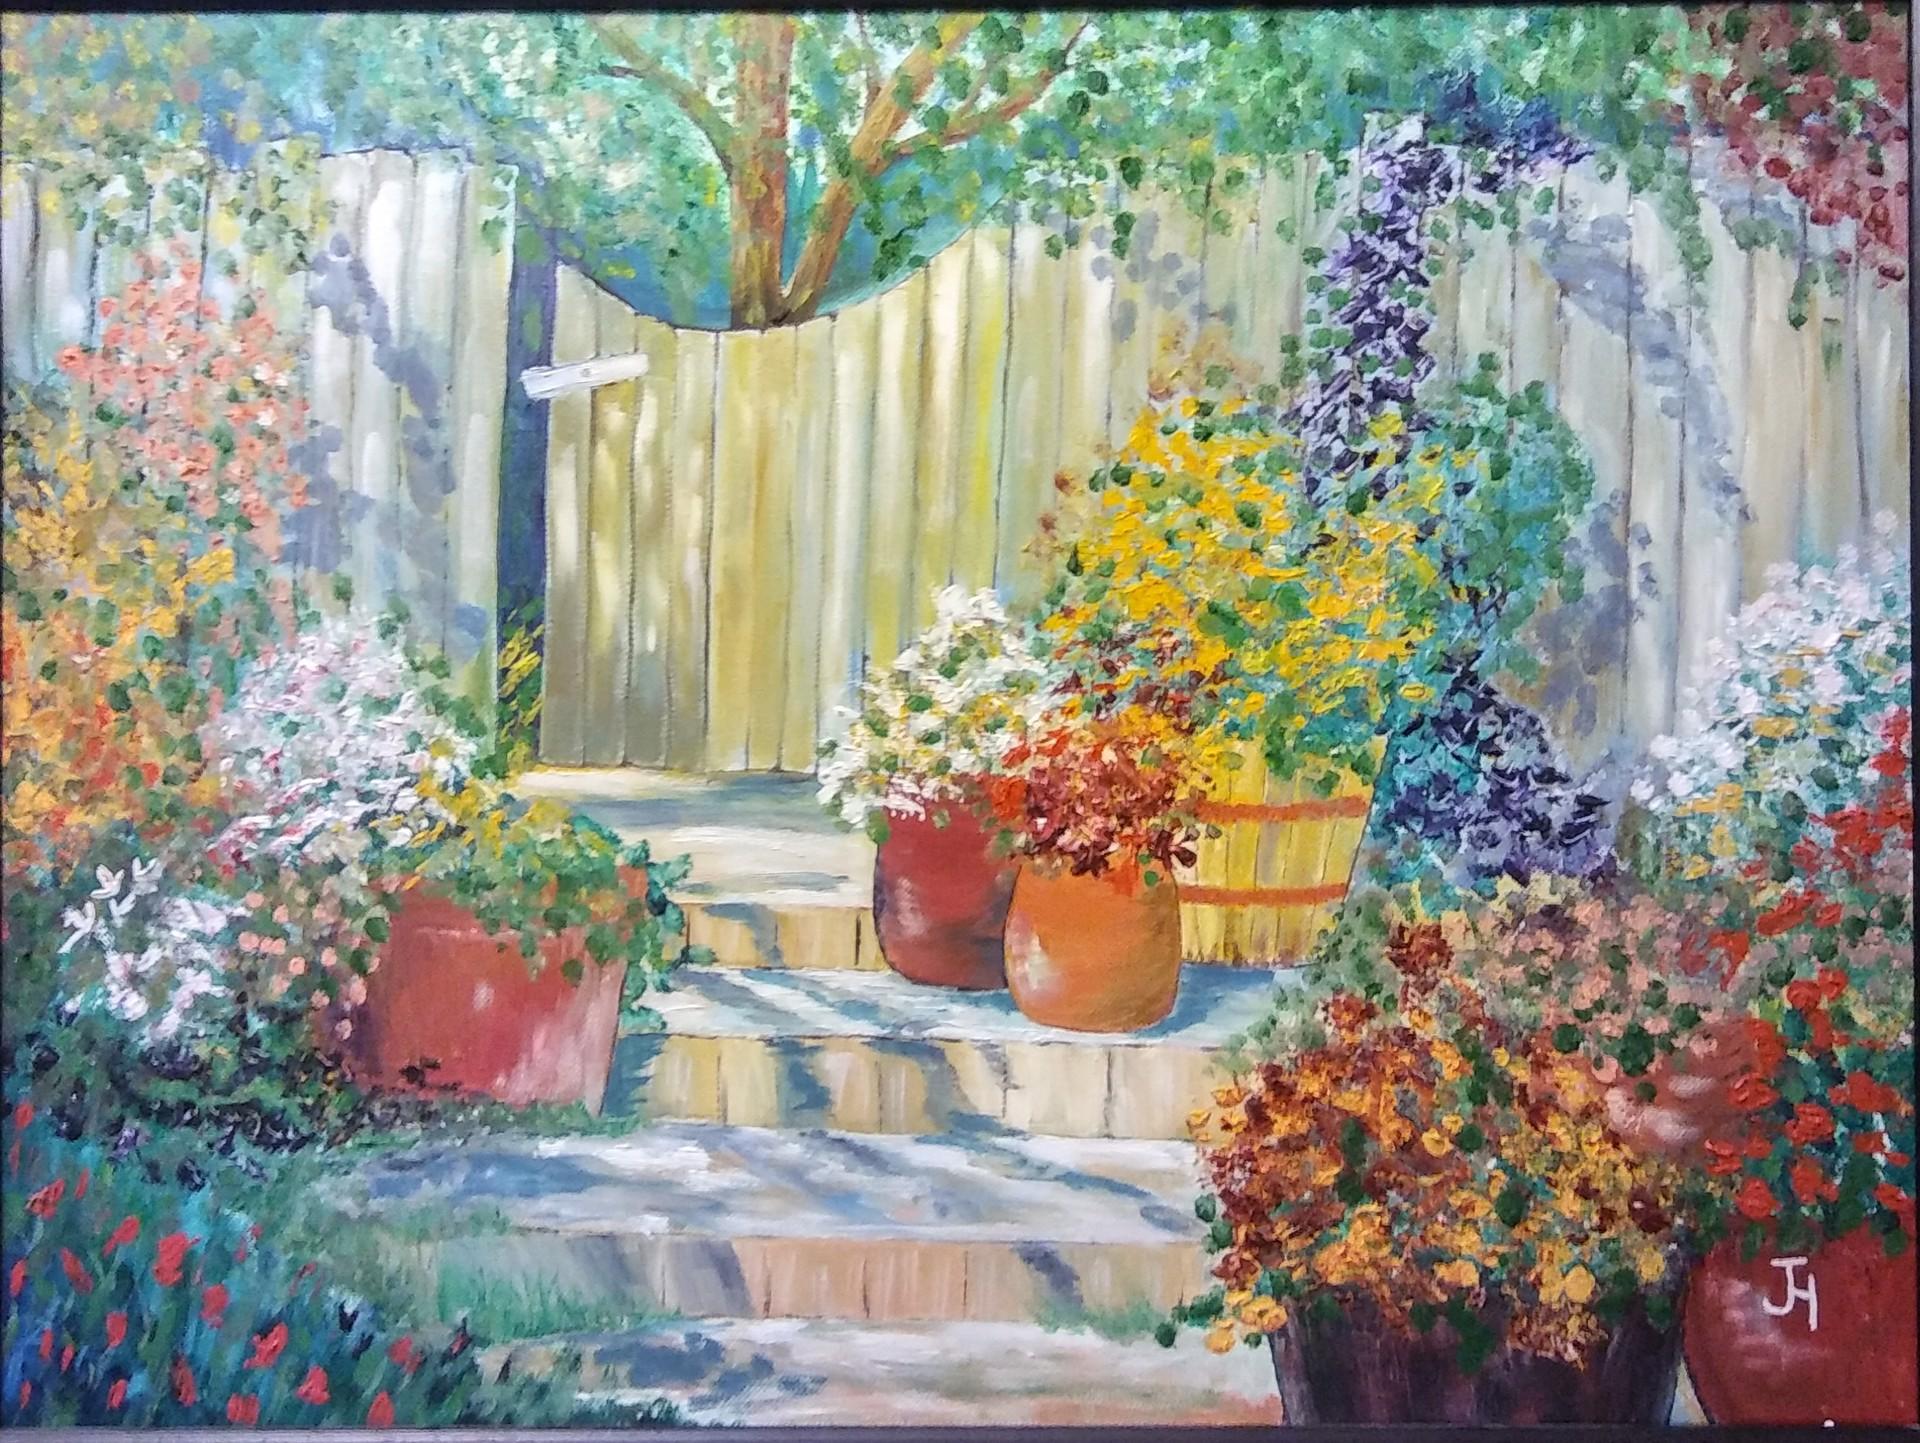 Secret Garden by June Hormel (Newberg, OR)